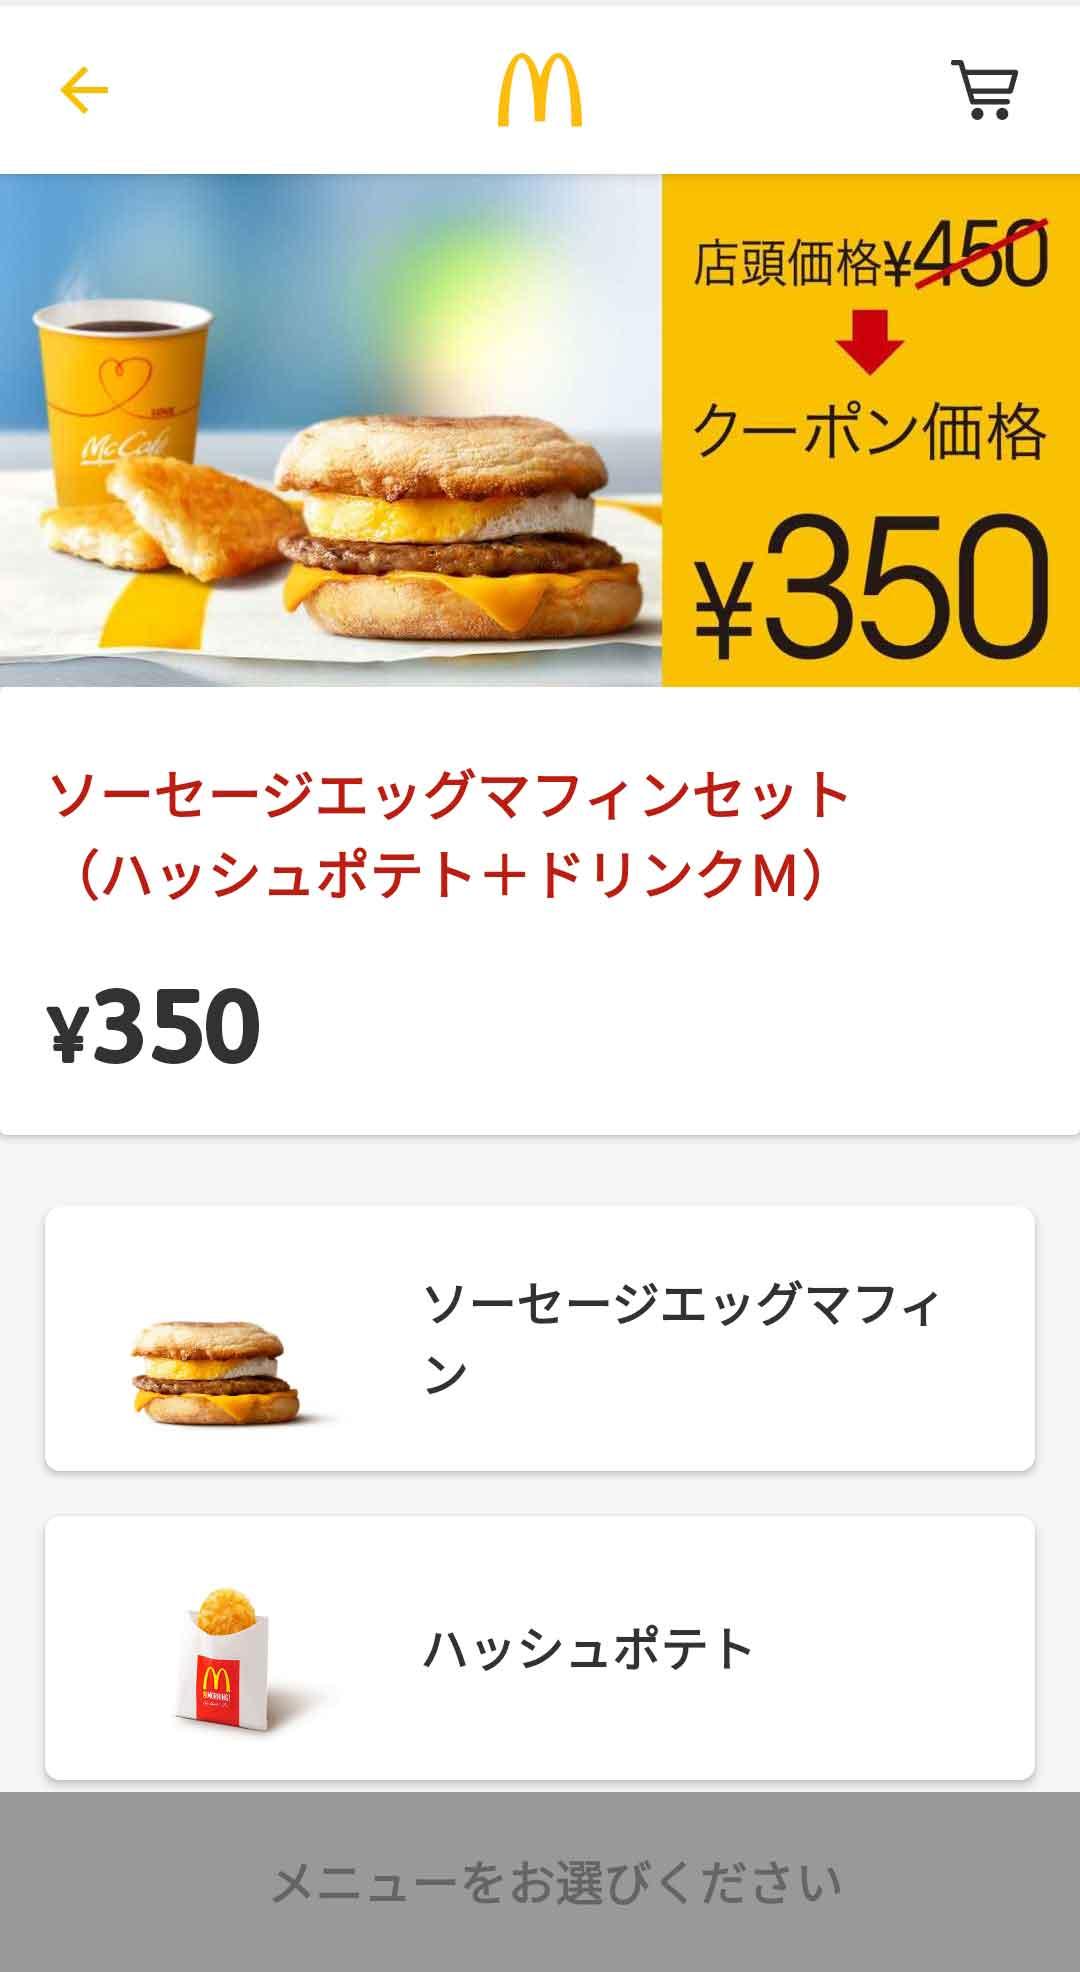 朝マックの注文詳細